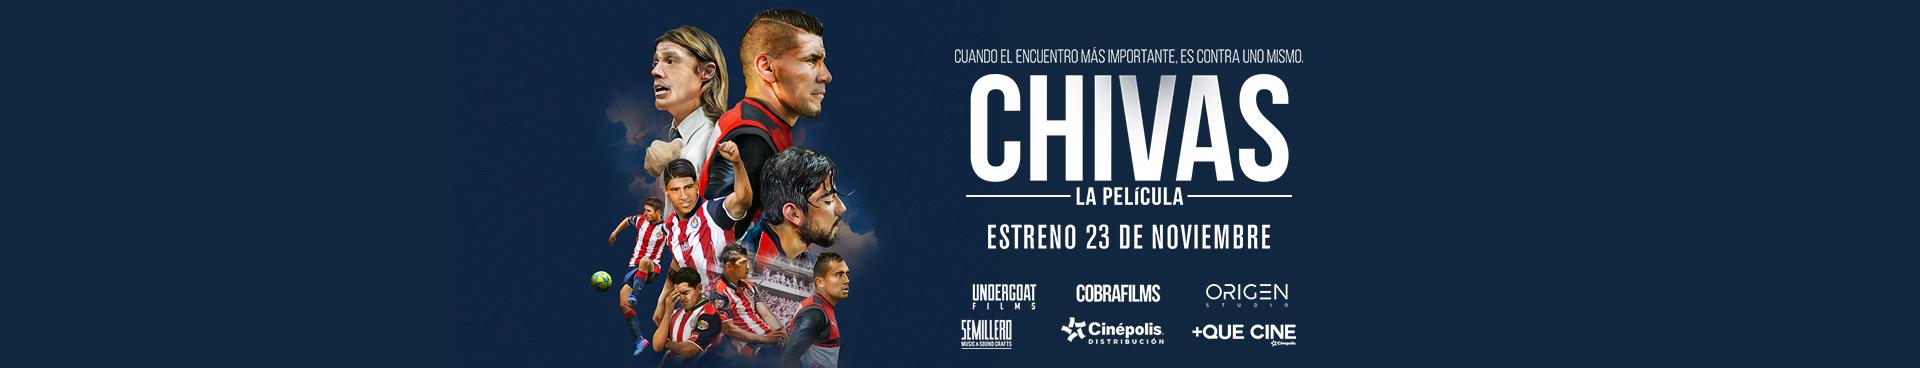 +Que Cine: Chivas